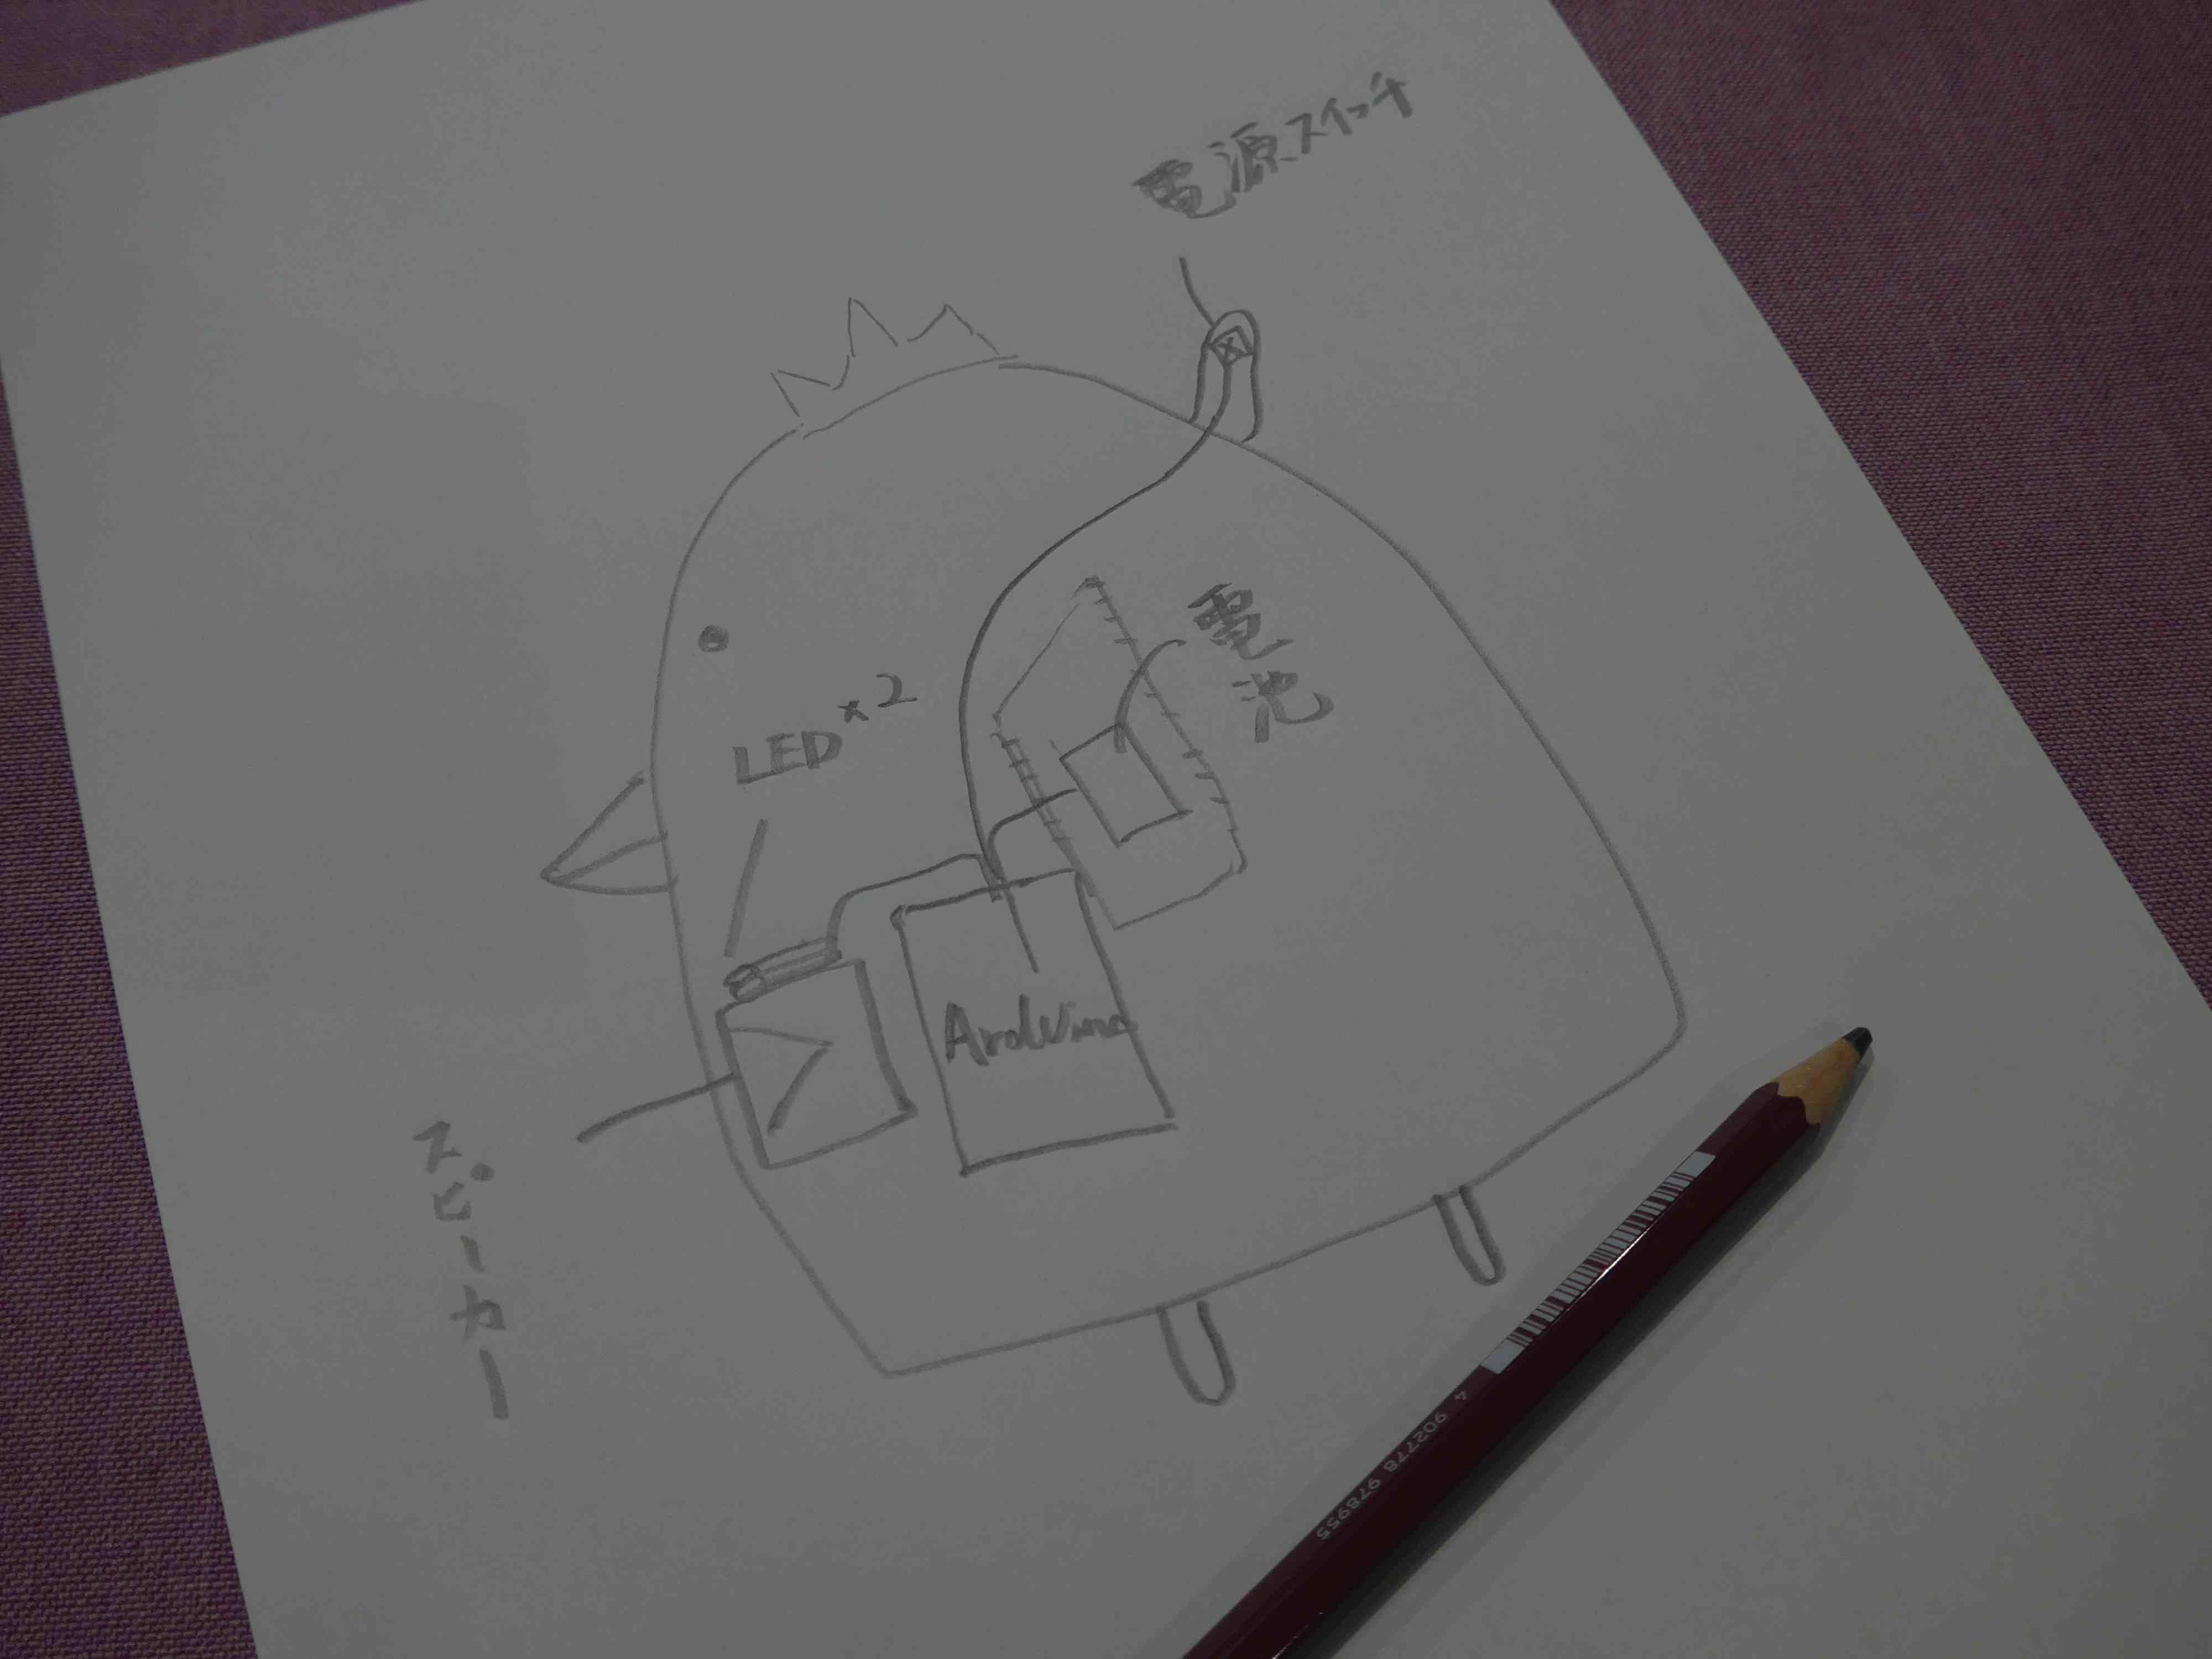 ペンタ図解手書き